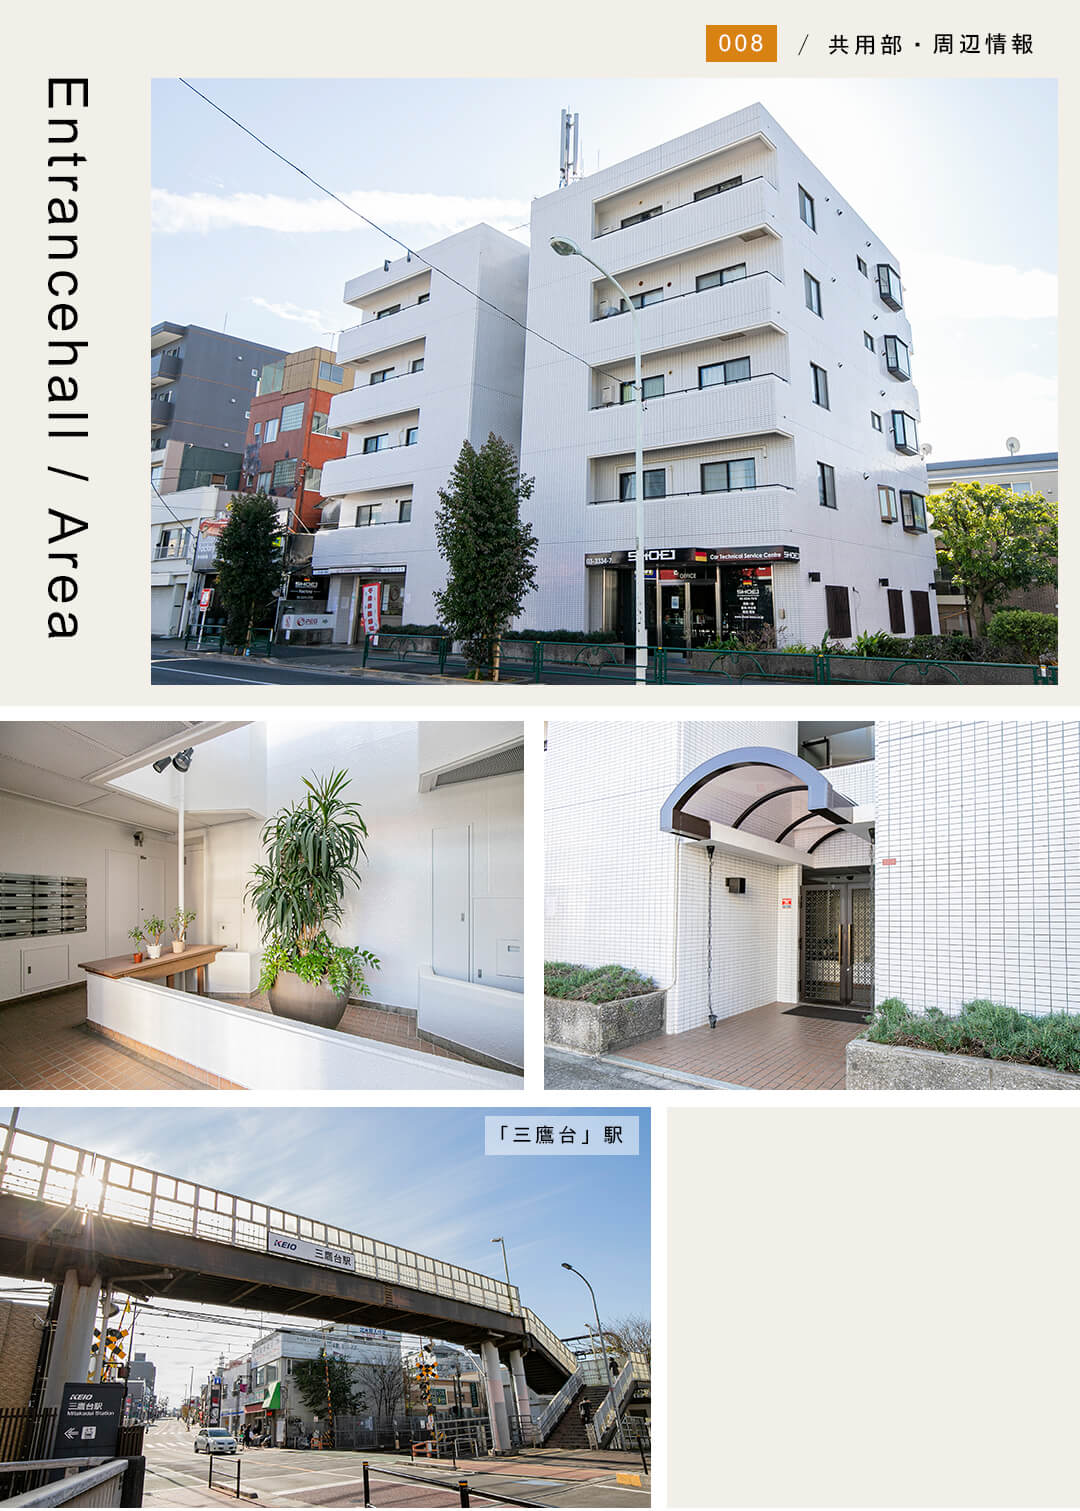 モナークマンション松庵の外観と共用部と周辺情報